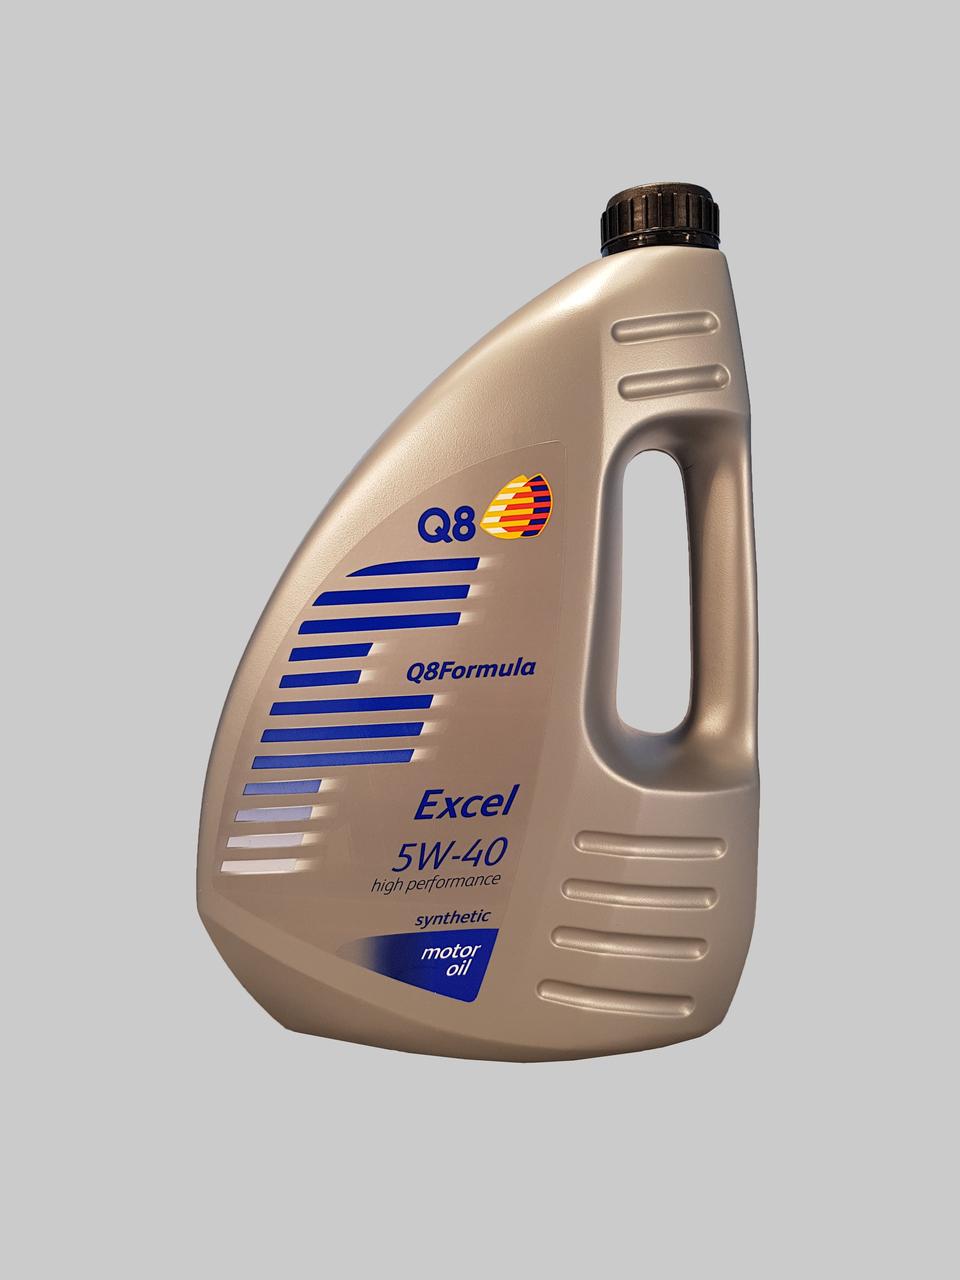 Q8 Formula Excel 5W-40 4 Liter